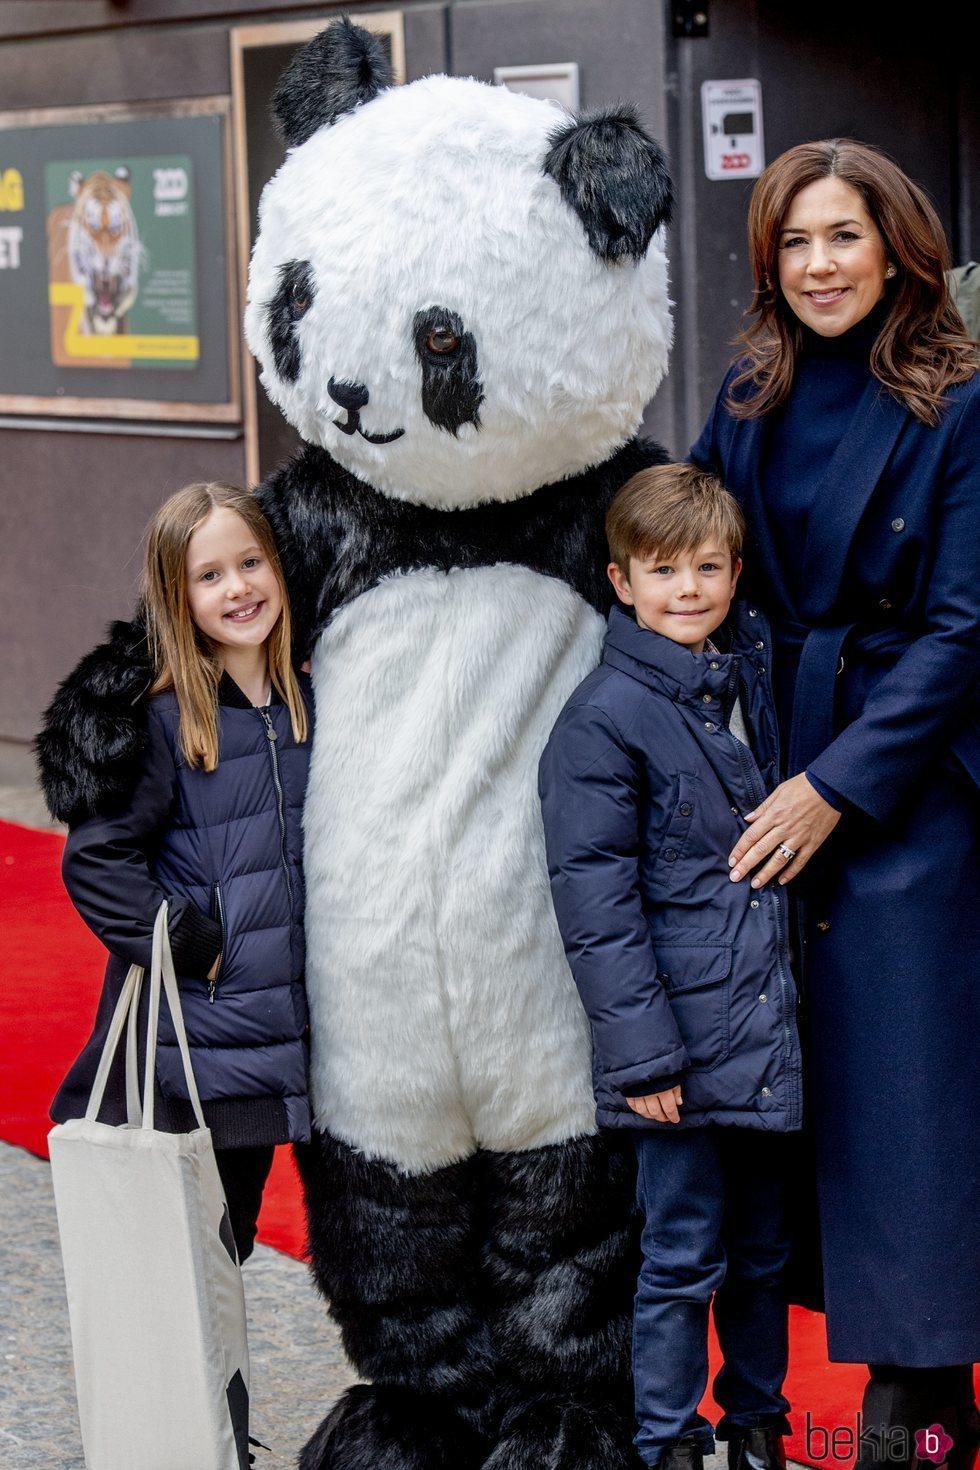 La Princesa Mary, Vicente y Josefina de Dinamarca en el Zoo de Copenhague